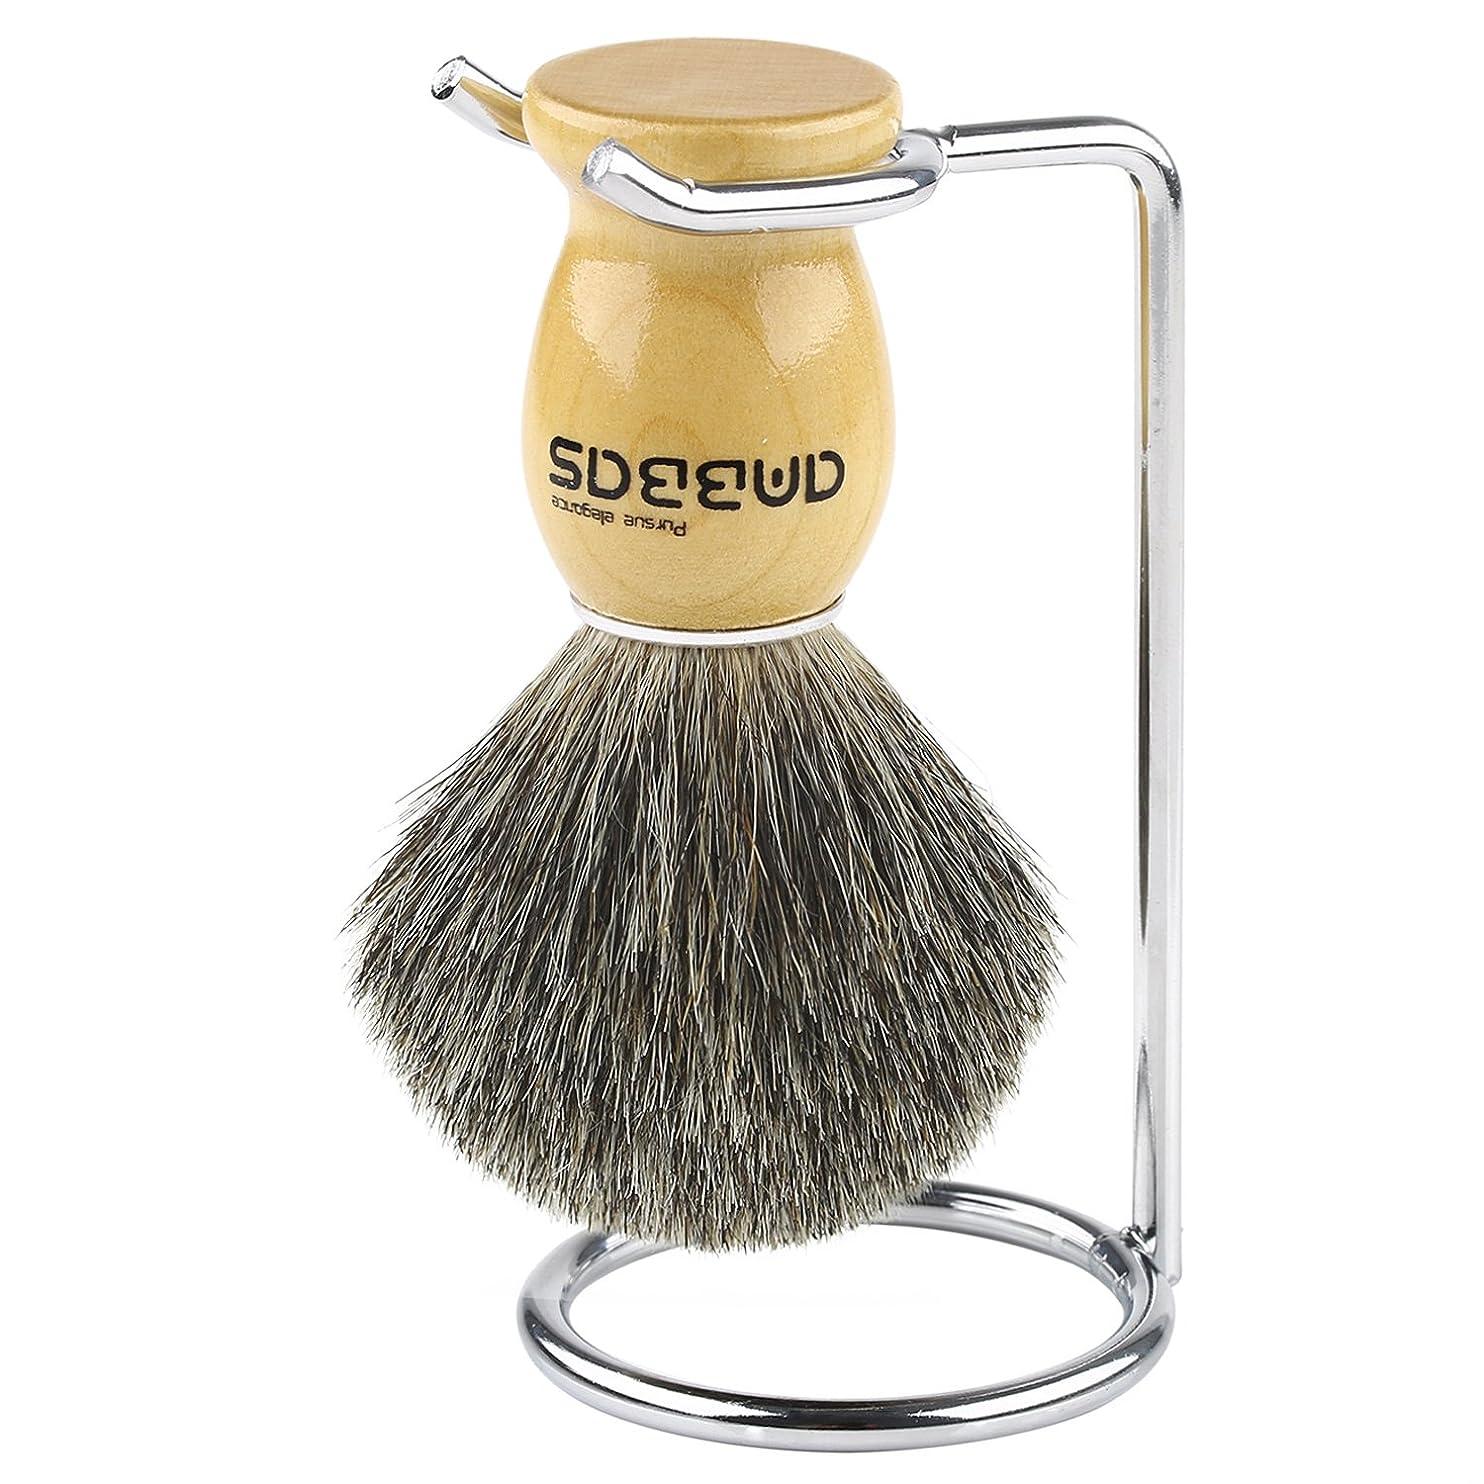 怪物落ち着かない卵Anbbas シェービングブラシセット アナグマ毛 ブラシ+スタンド 2点セット メンズ 髭剃り 泡立ち 洗顔ブラシ